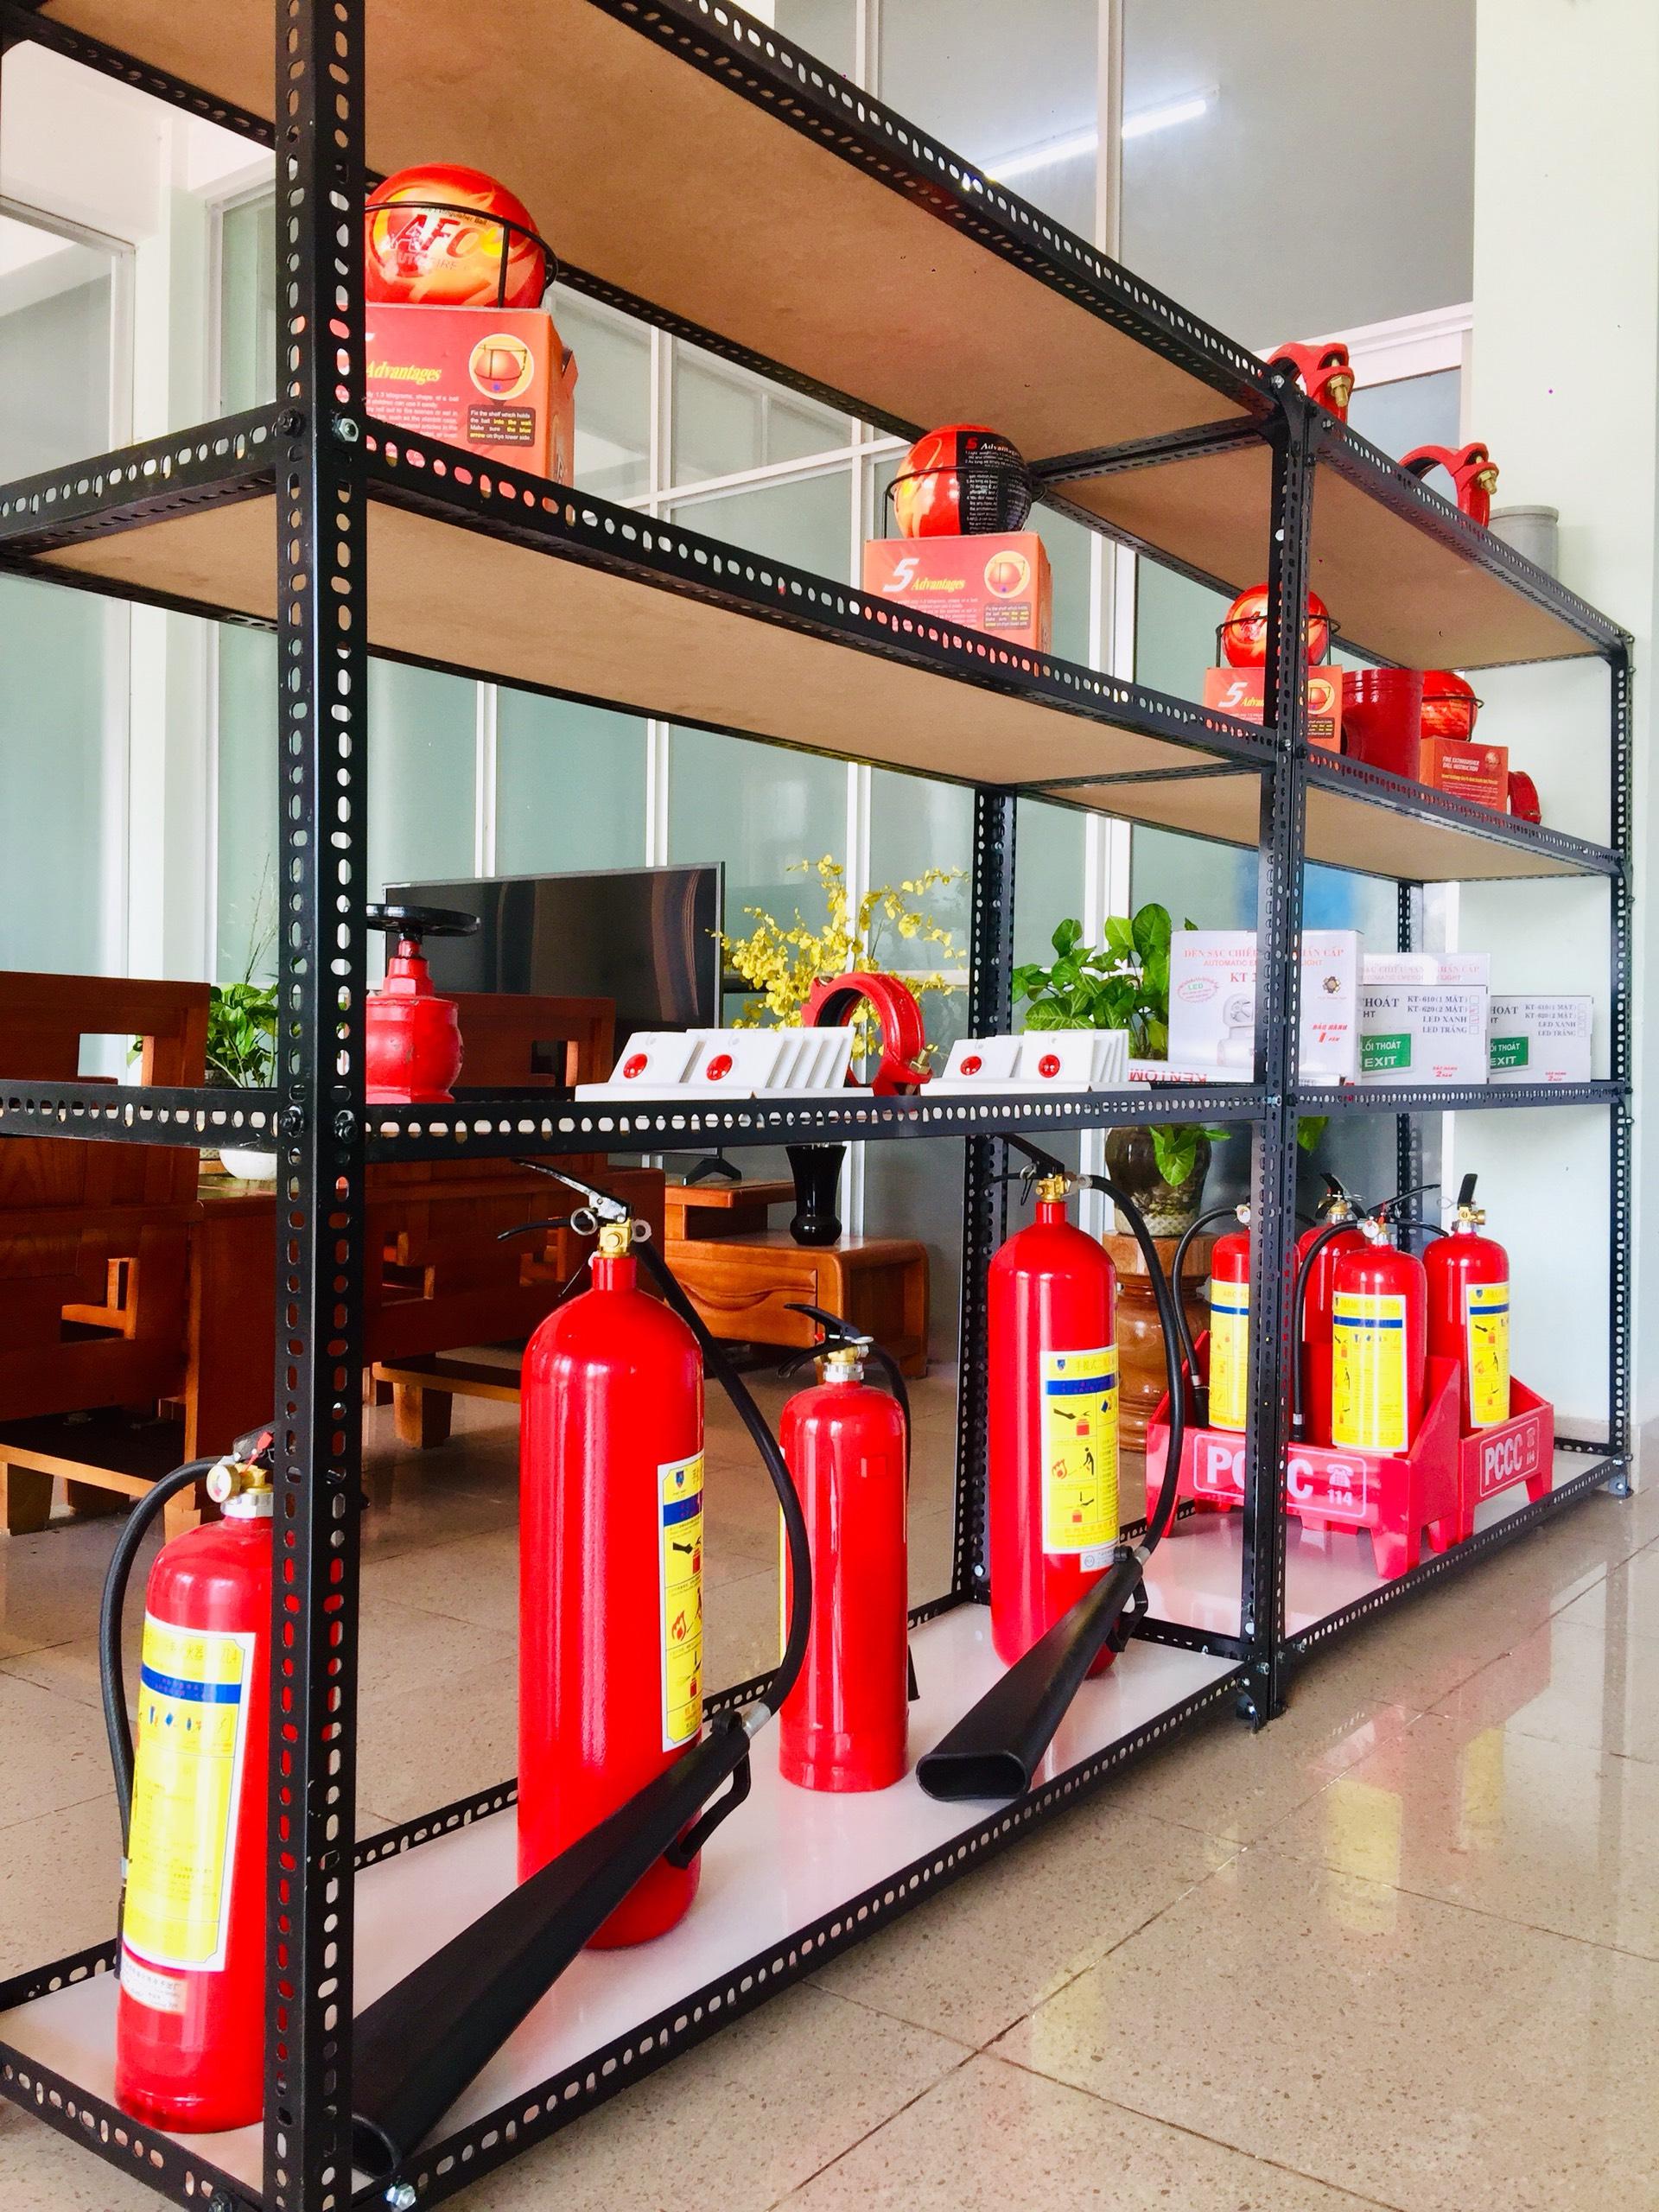 Chuyên cung cấp Bình chữa cháy tại Huế